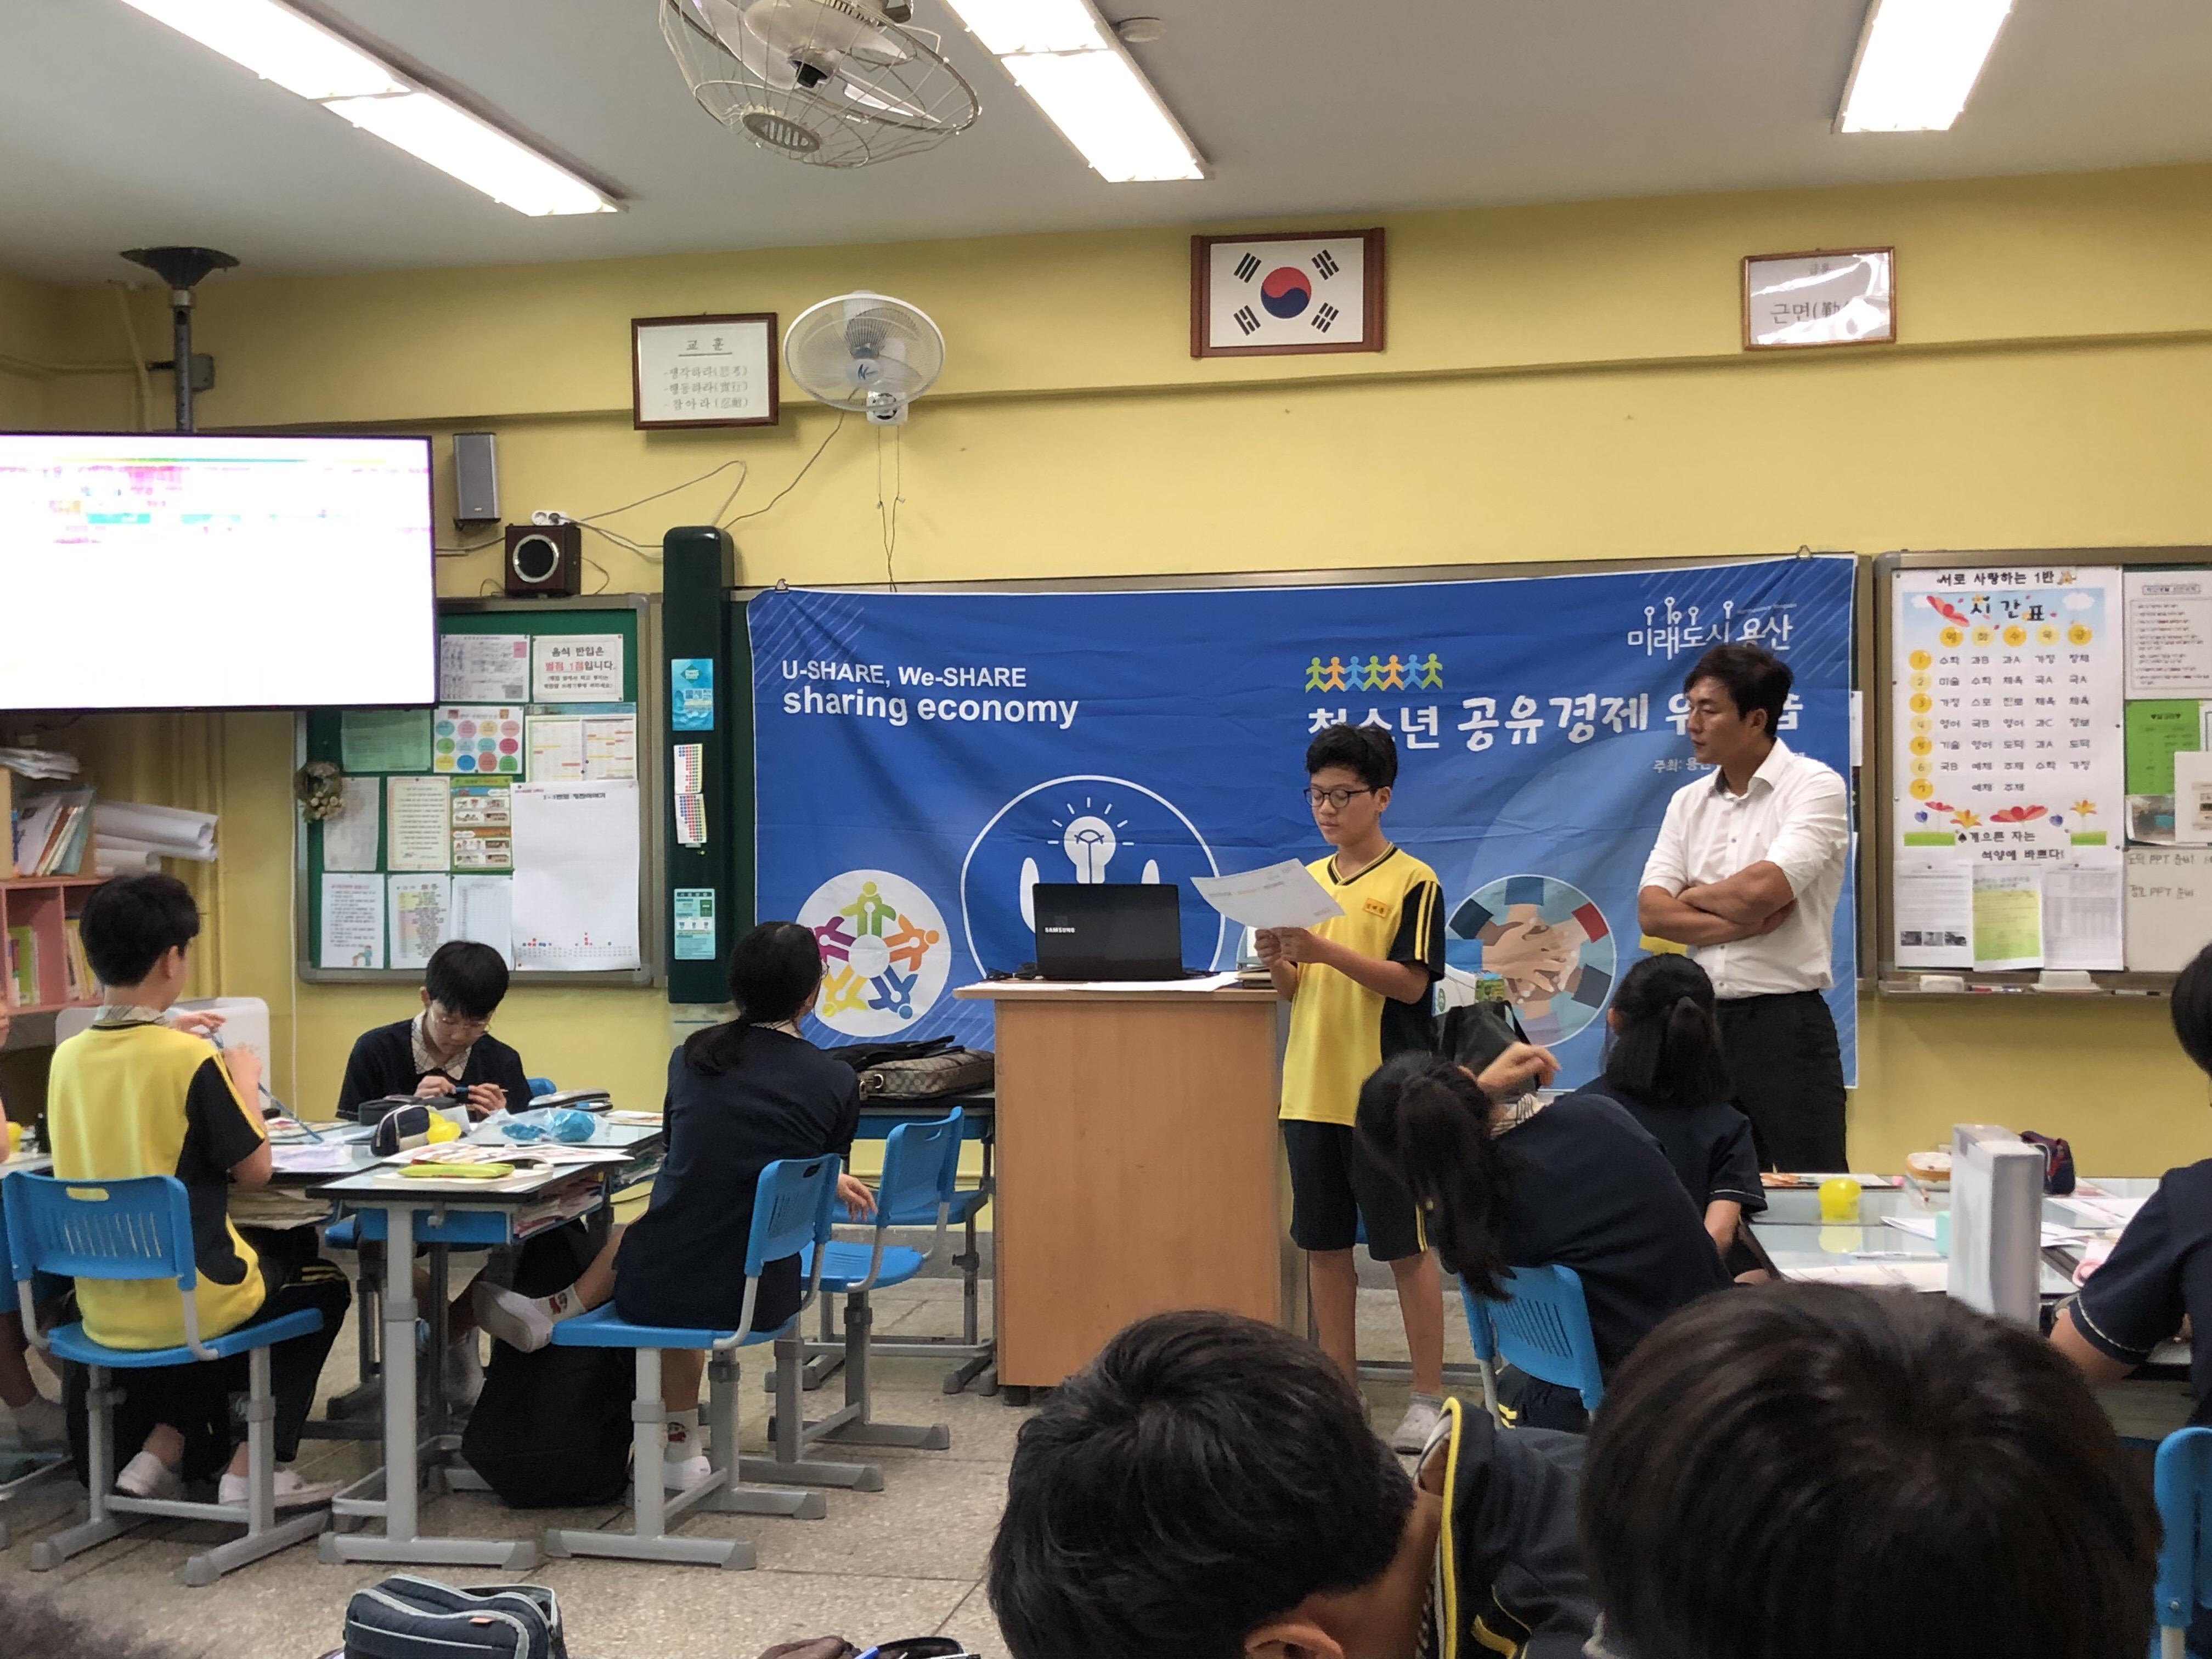 2019 용산구 공유경제 아카데미 '선린중학교'